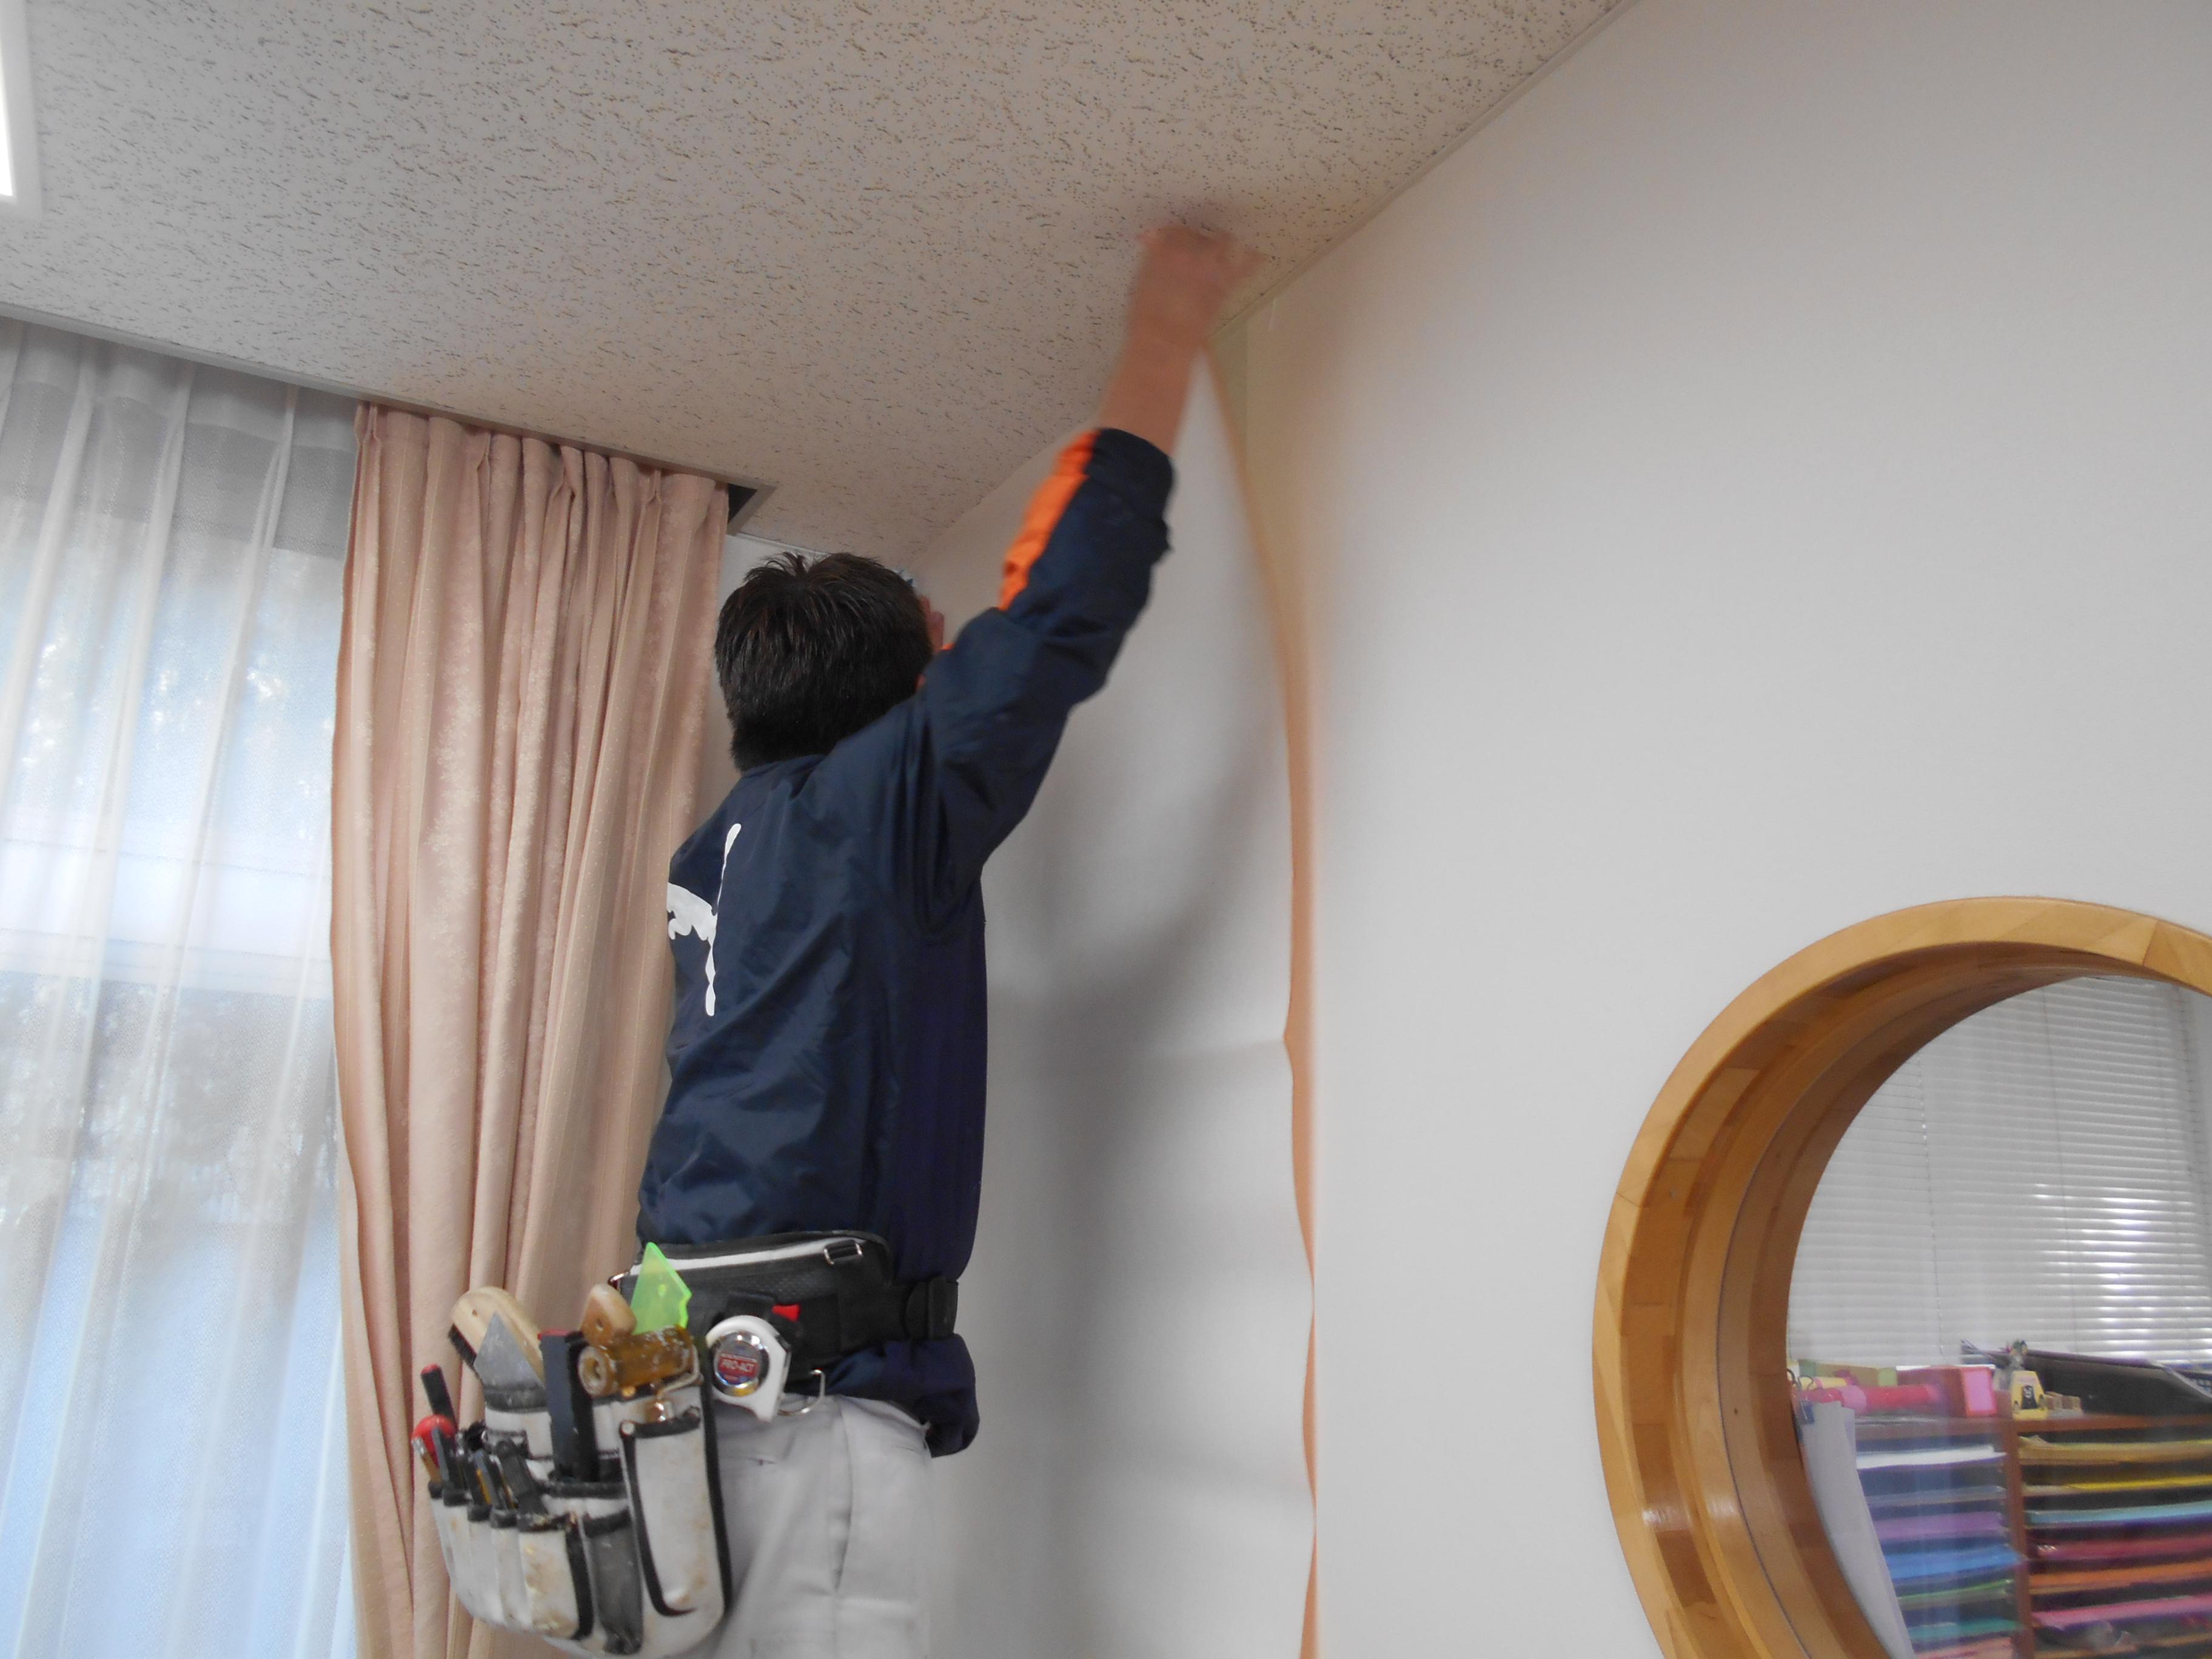 宝塚市 施設 クロス貼替え工事イメージ04